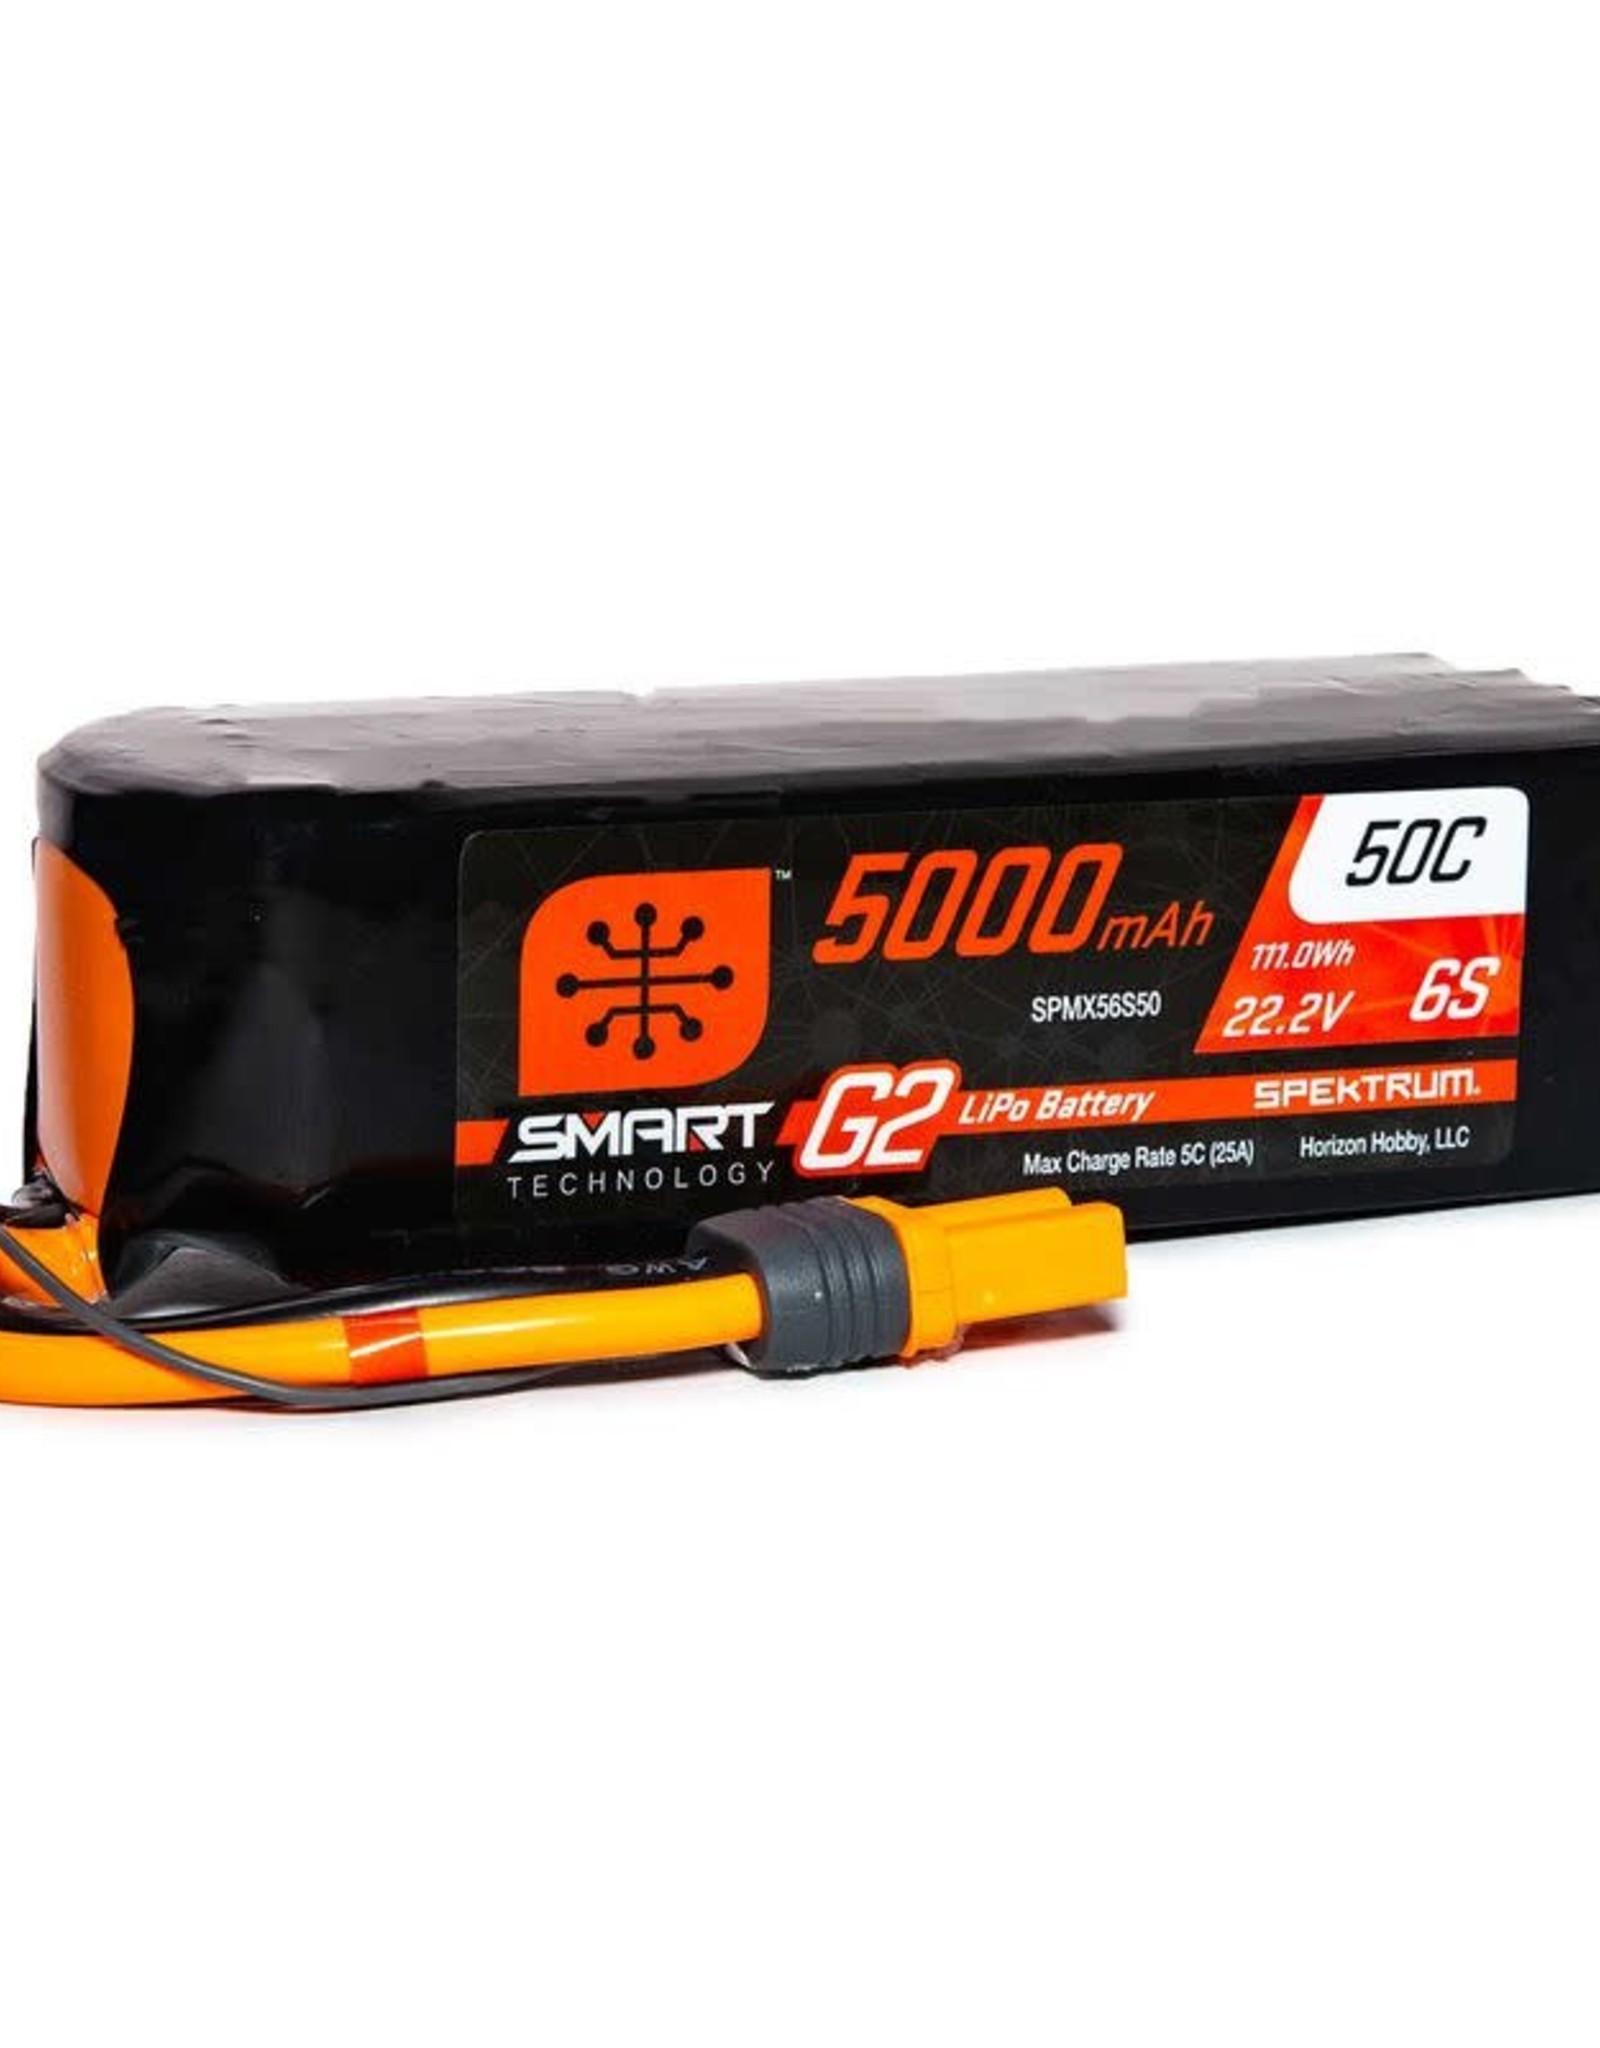 spektrum SPMX56S50 22.2V 5000mAh 6S 50C Smart LiPo G2: IC5